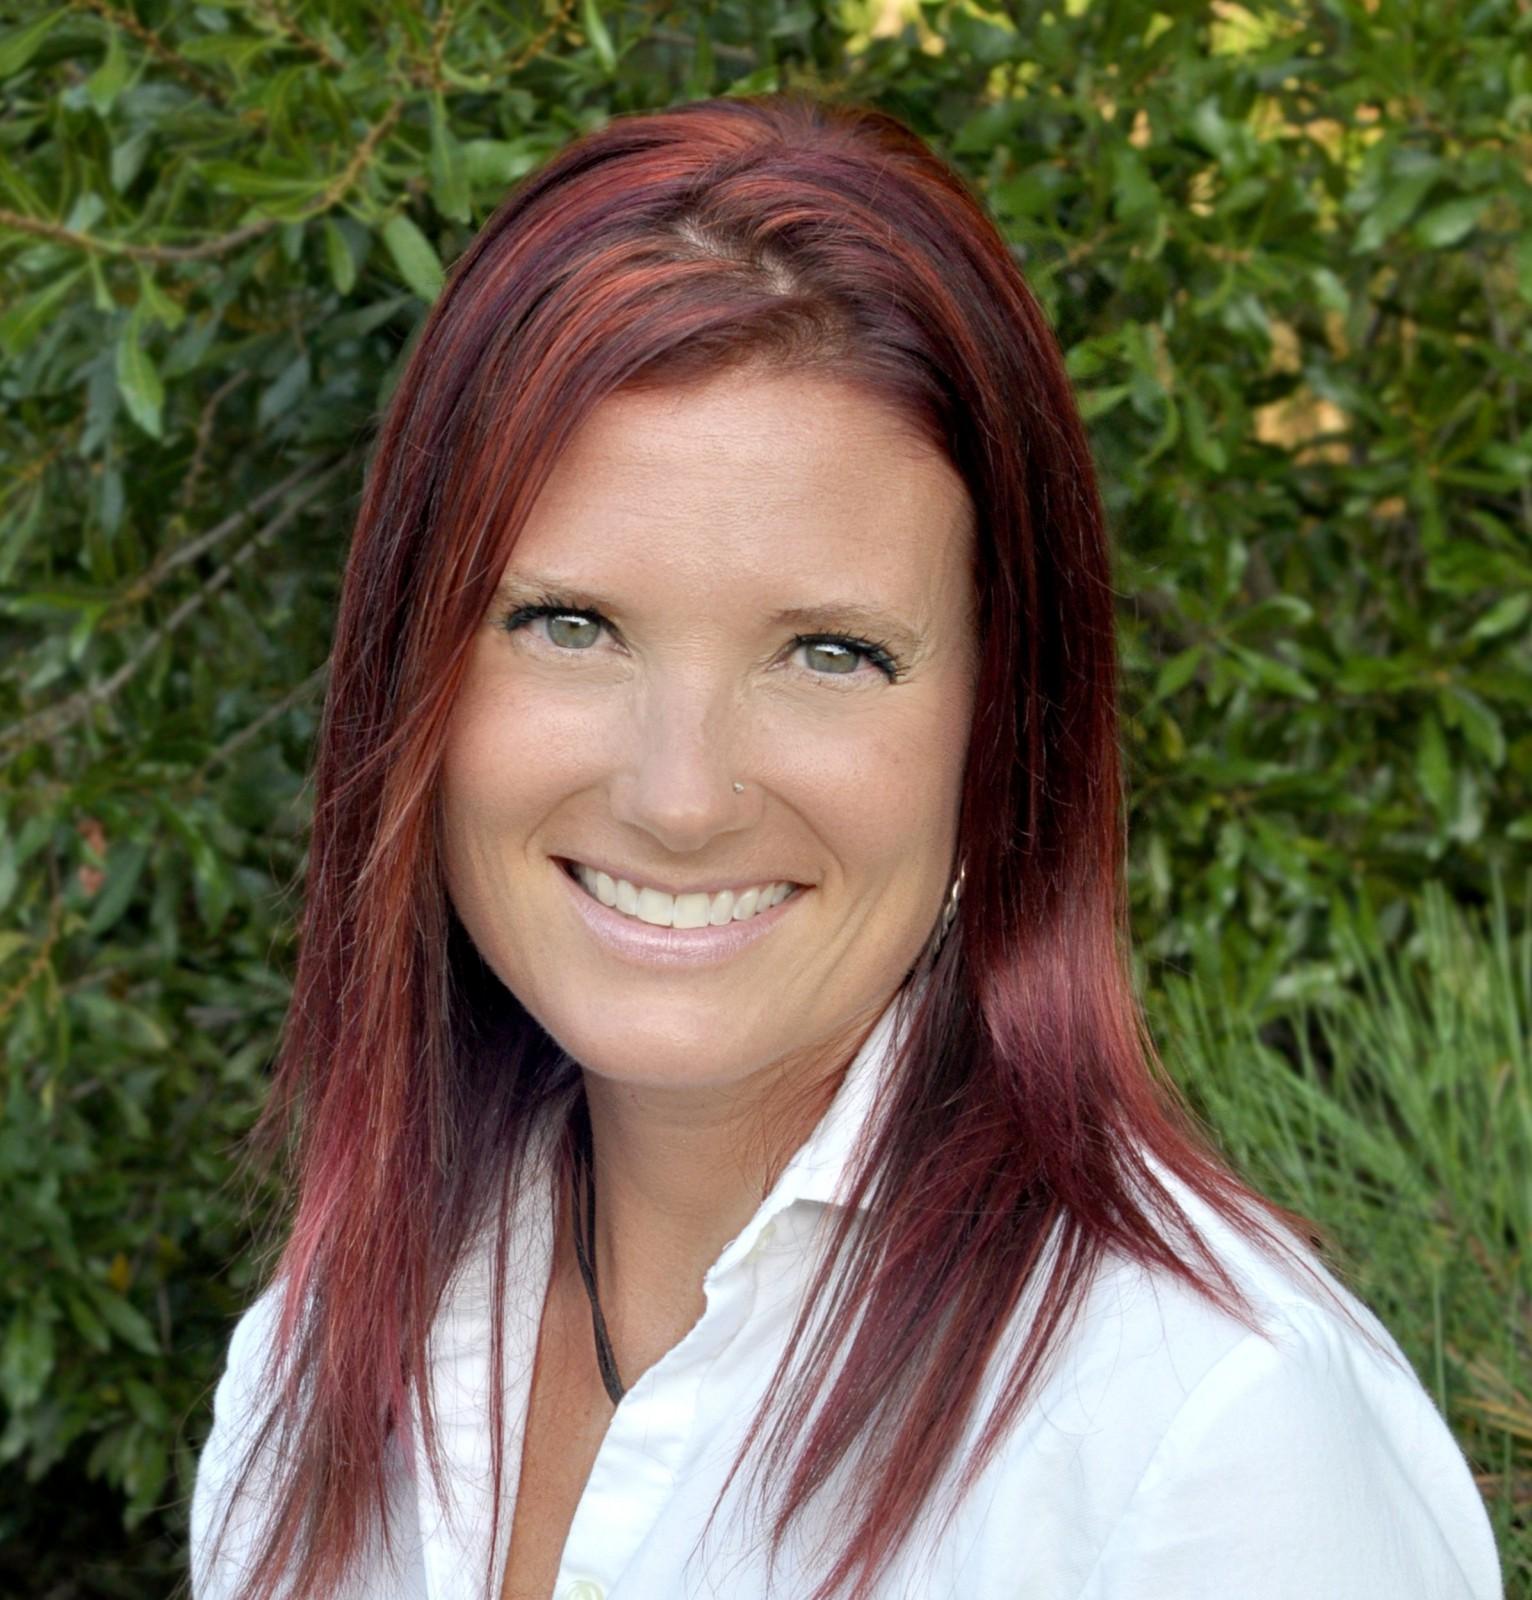 Rachel Tomovski - Secretary